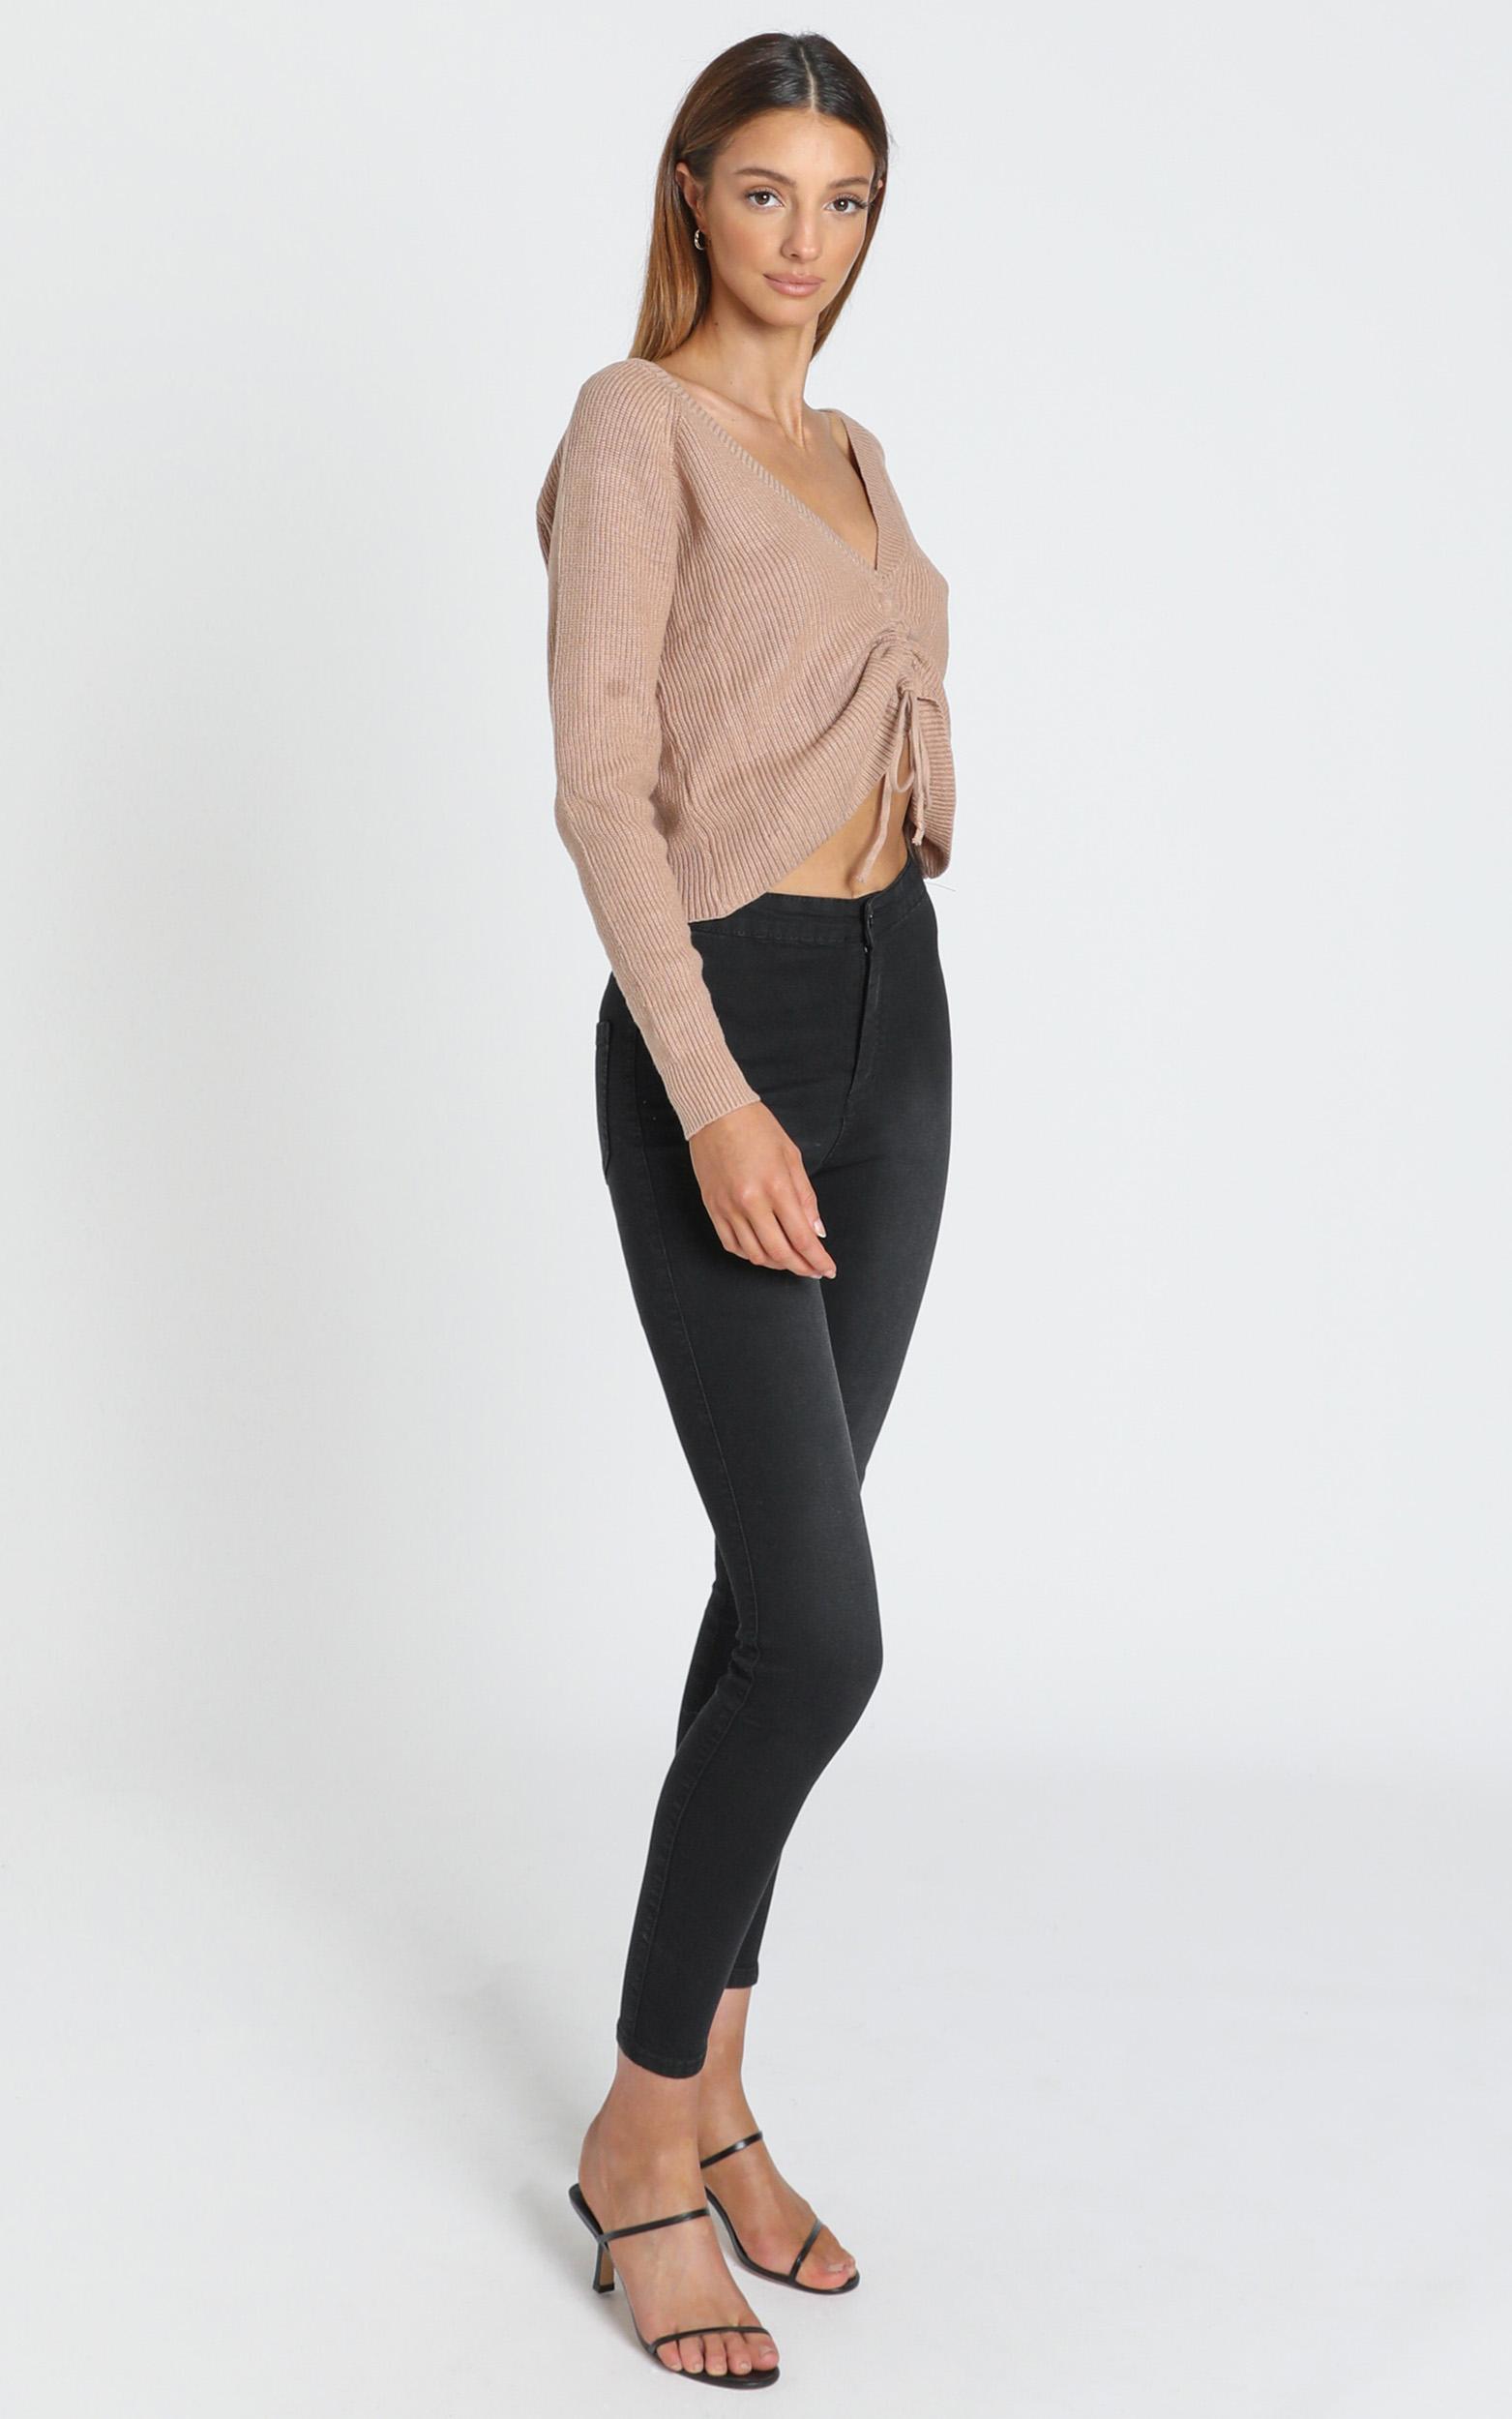 Madeline Skinny Jean in Washed Black  - 6 (XS), Black, hi-res image number null